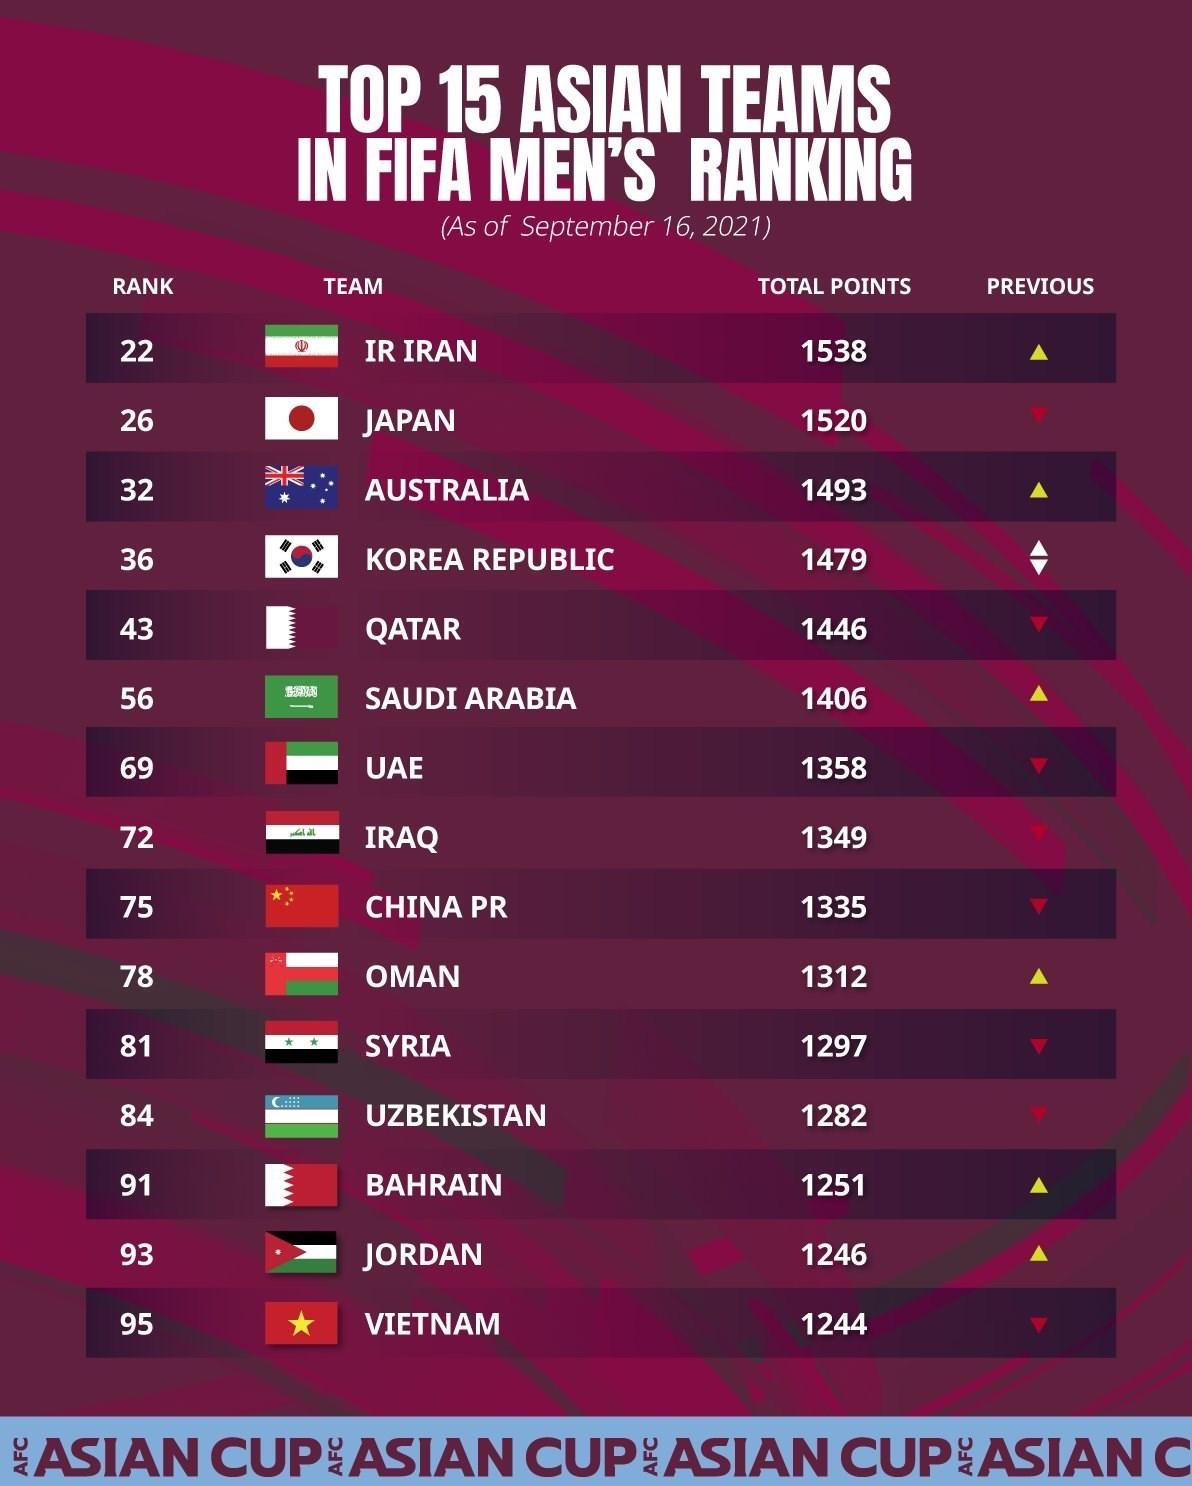 فوتبال ایران به رتبه ۲۲ جهان و اول آسیا رسید